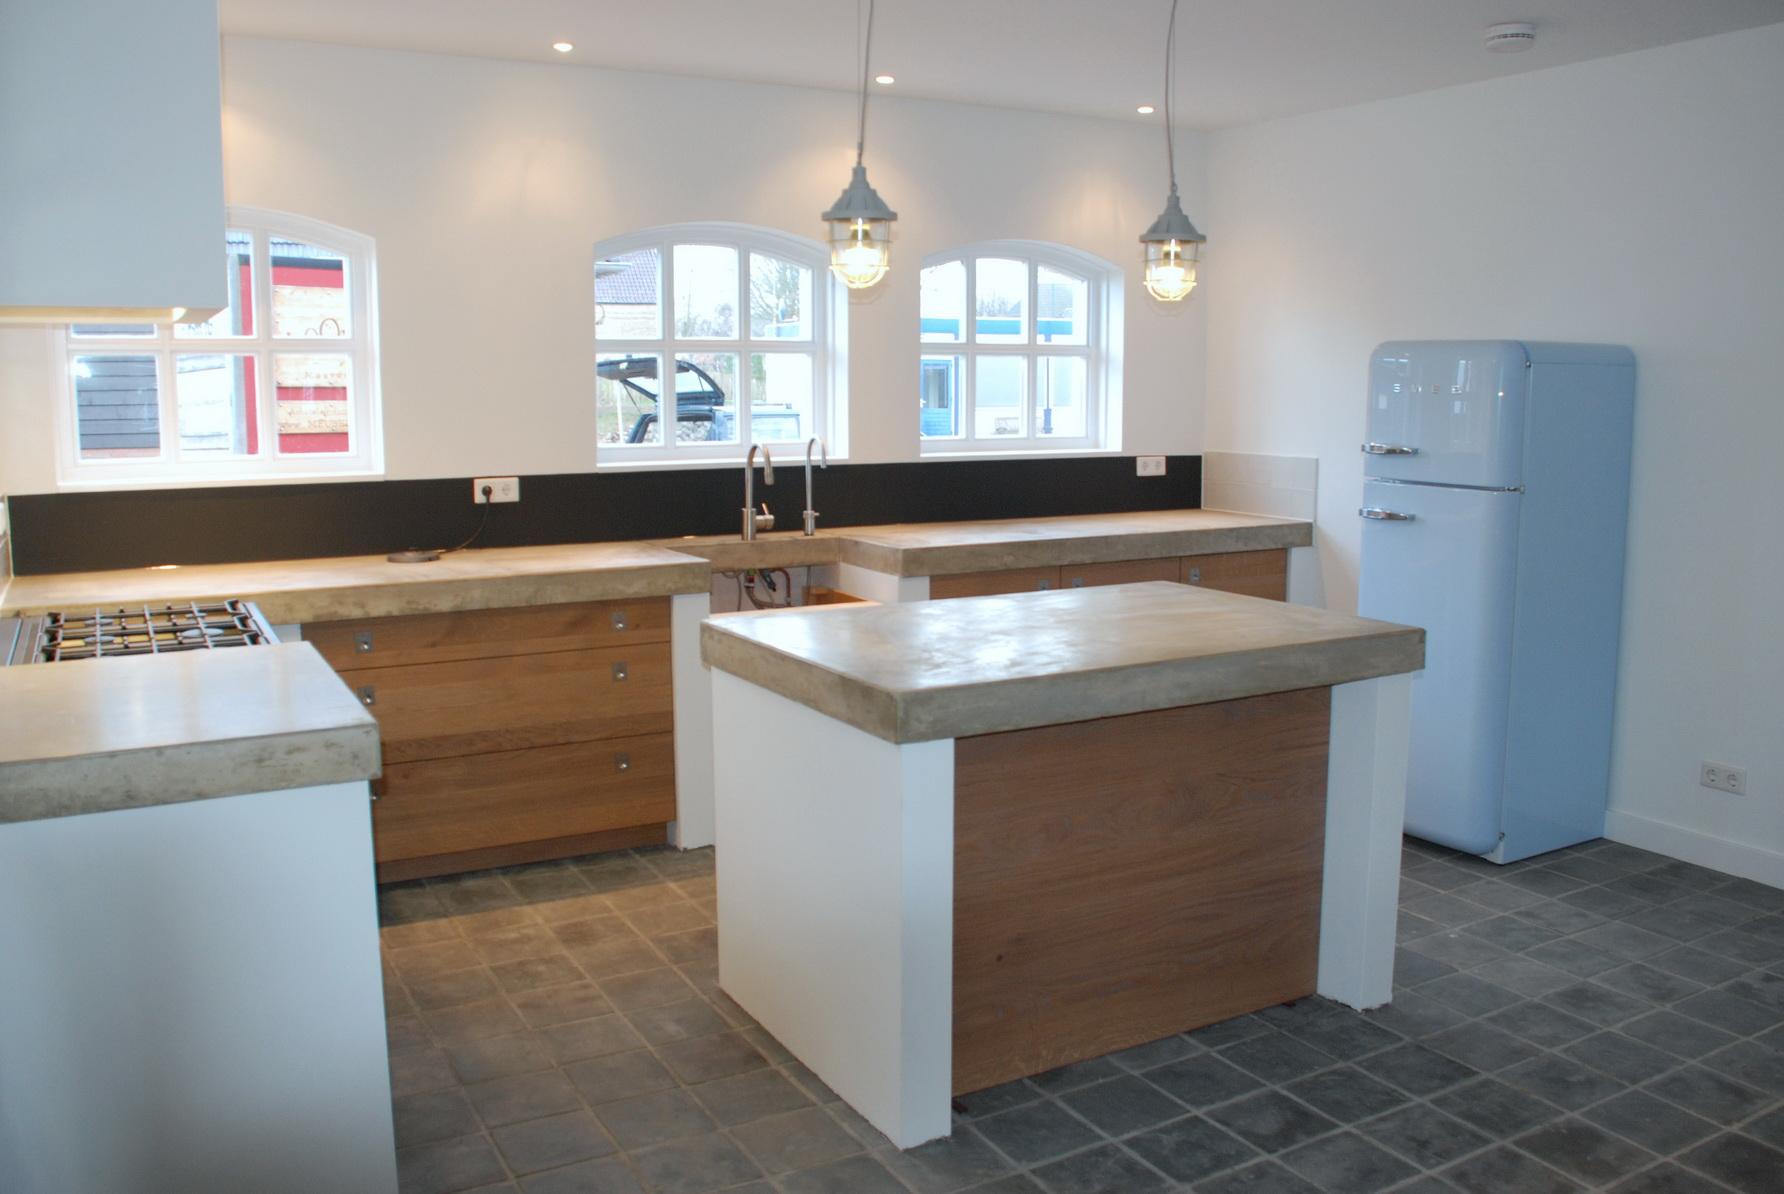 Keuken Met Betonblad : Keuken met betonblad ~ beste ideen over huis en interieur